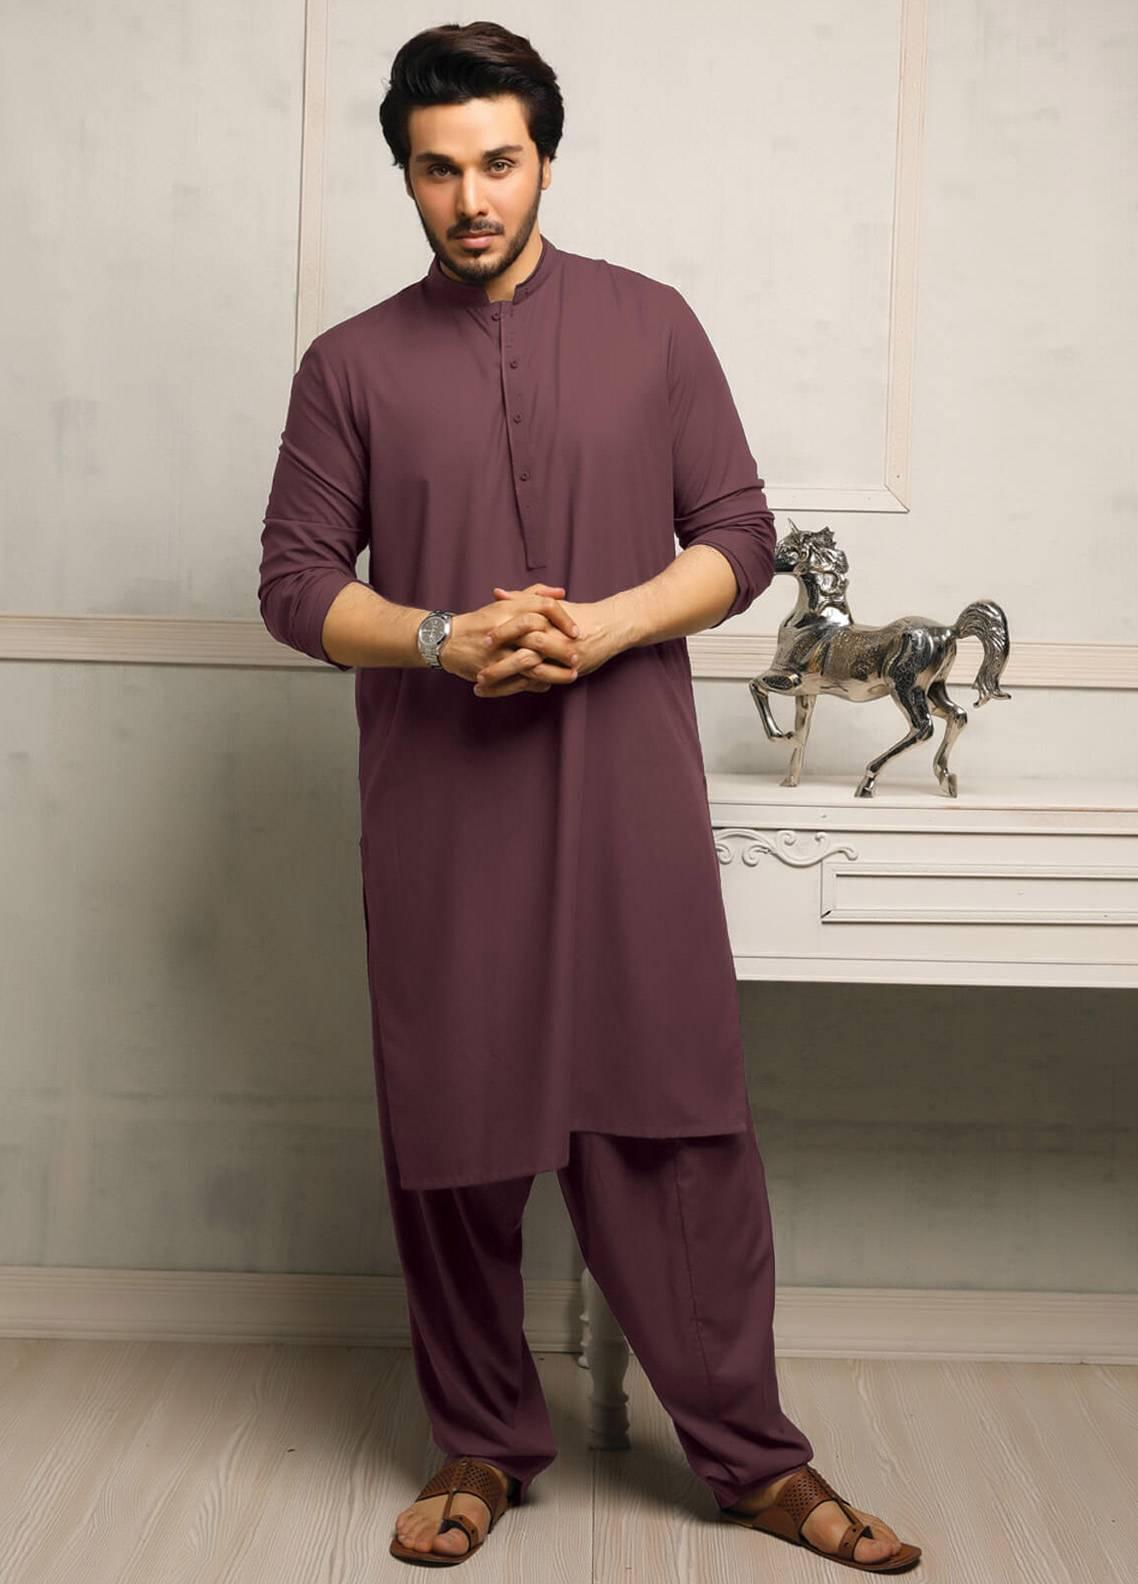 6793444f0e Safeer by Edenrobe EMUC18-INDULGE Cotton Unstitched Men's Kameez Shalwar  Fabric. Online only